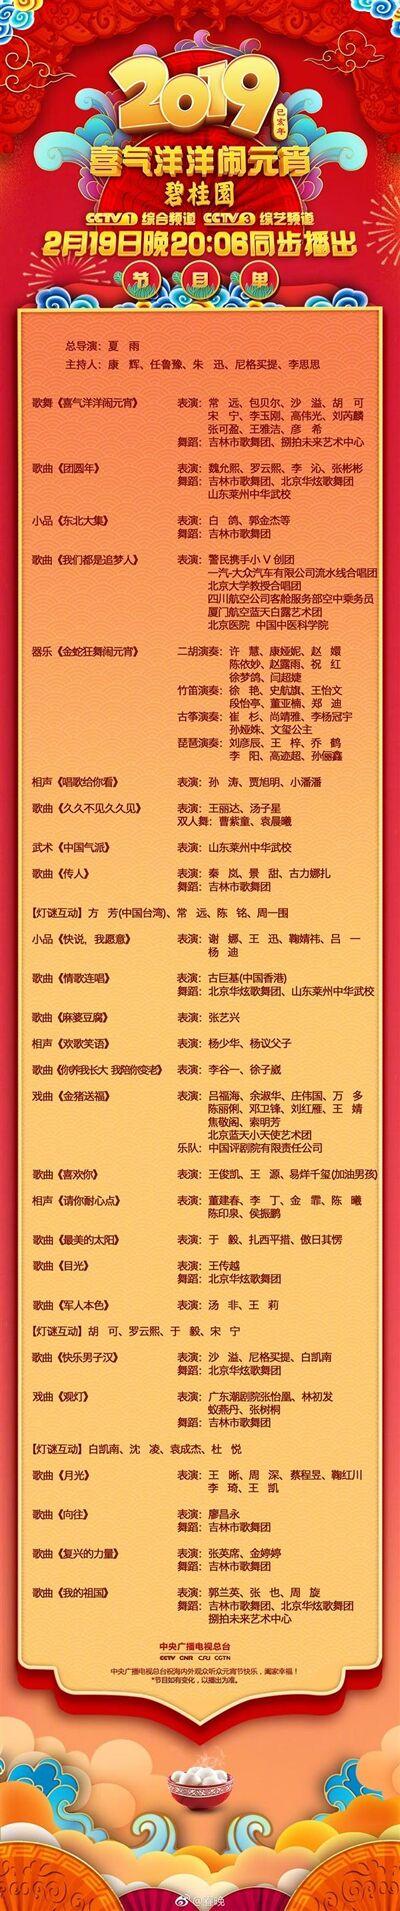 2019年央望元宵早会节纲双 悲笑闹元宵